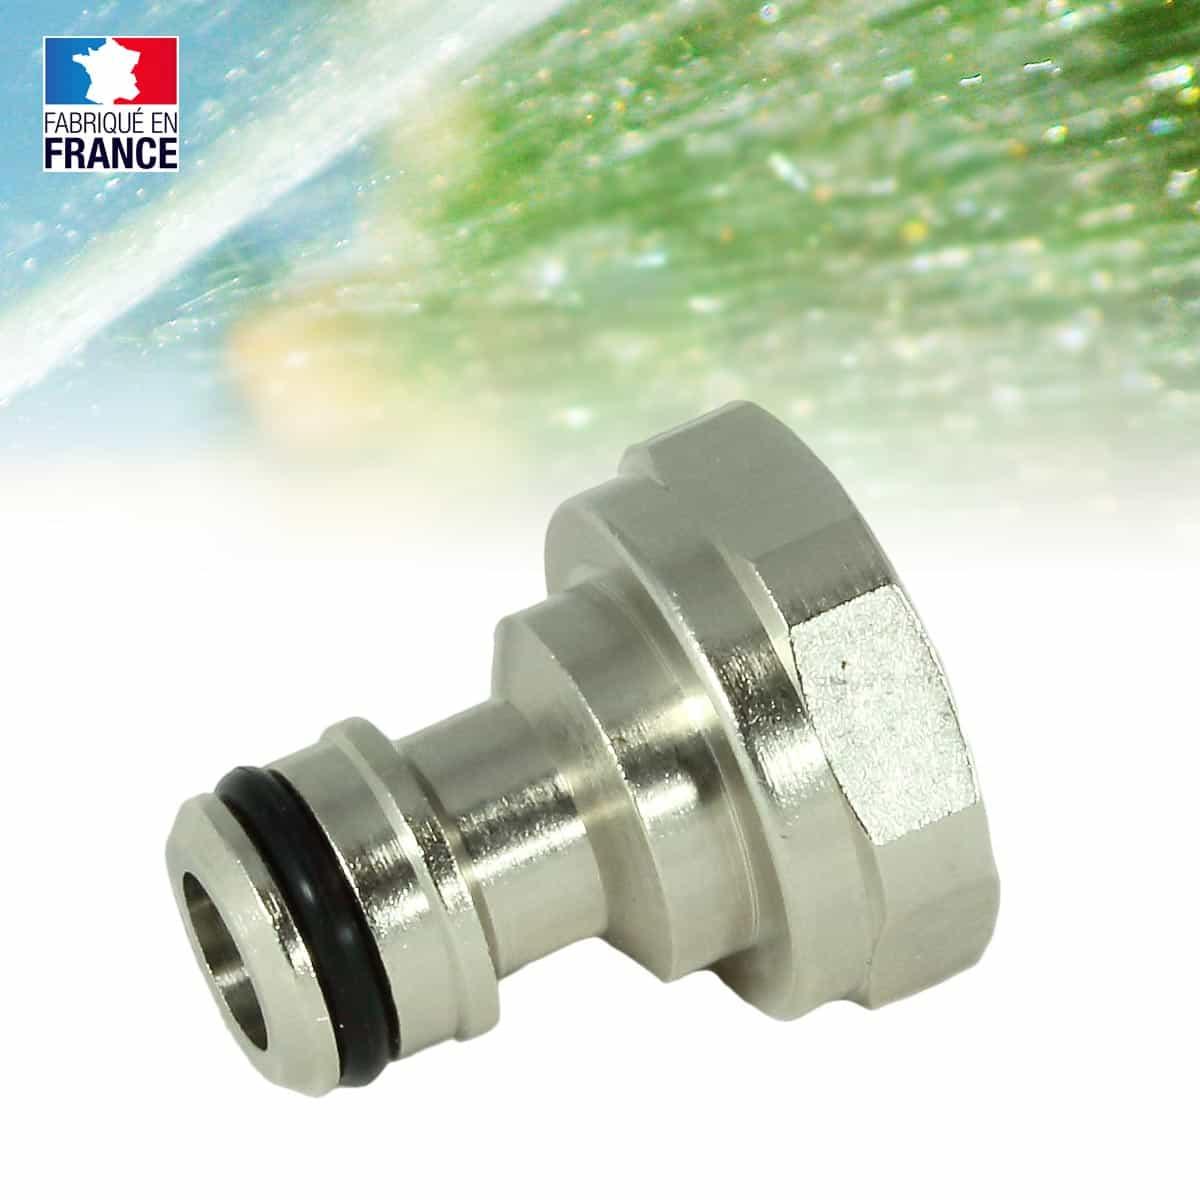 Adaptateur robinet - Reparer mitigeur thermostatique douche ...